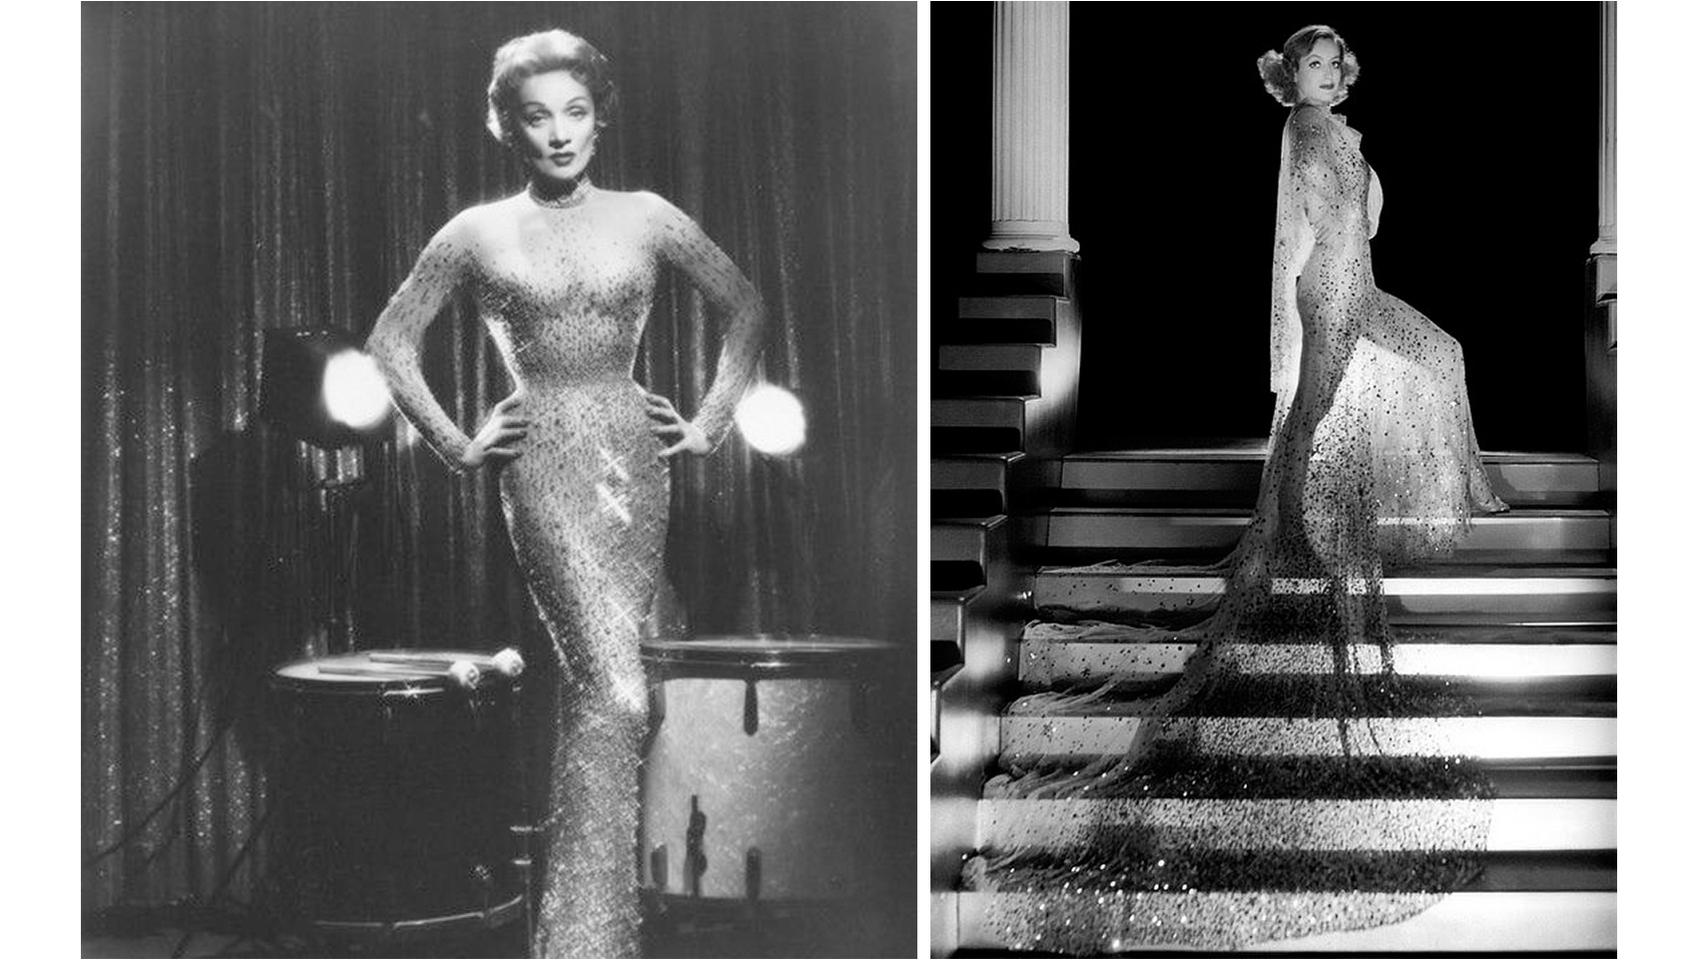 De izquierda a derecha: Joan Crawford y Marlene Dietrich, con dos vestidos en los que se inspiró el de Marilyn que sale a subasta.